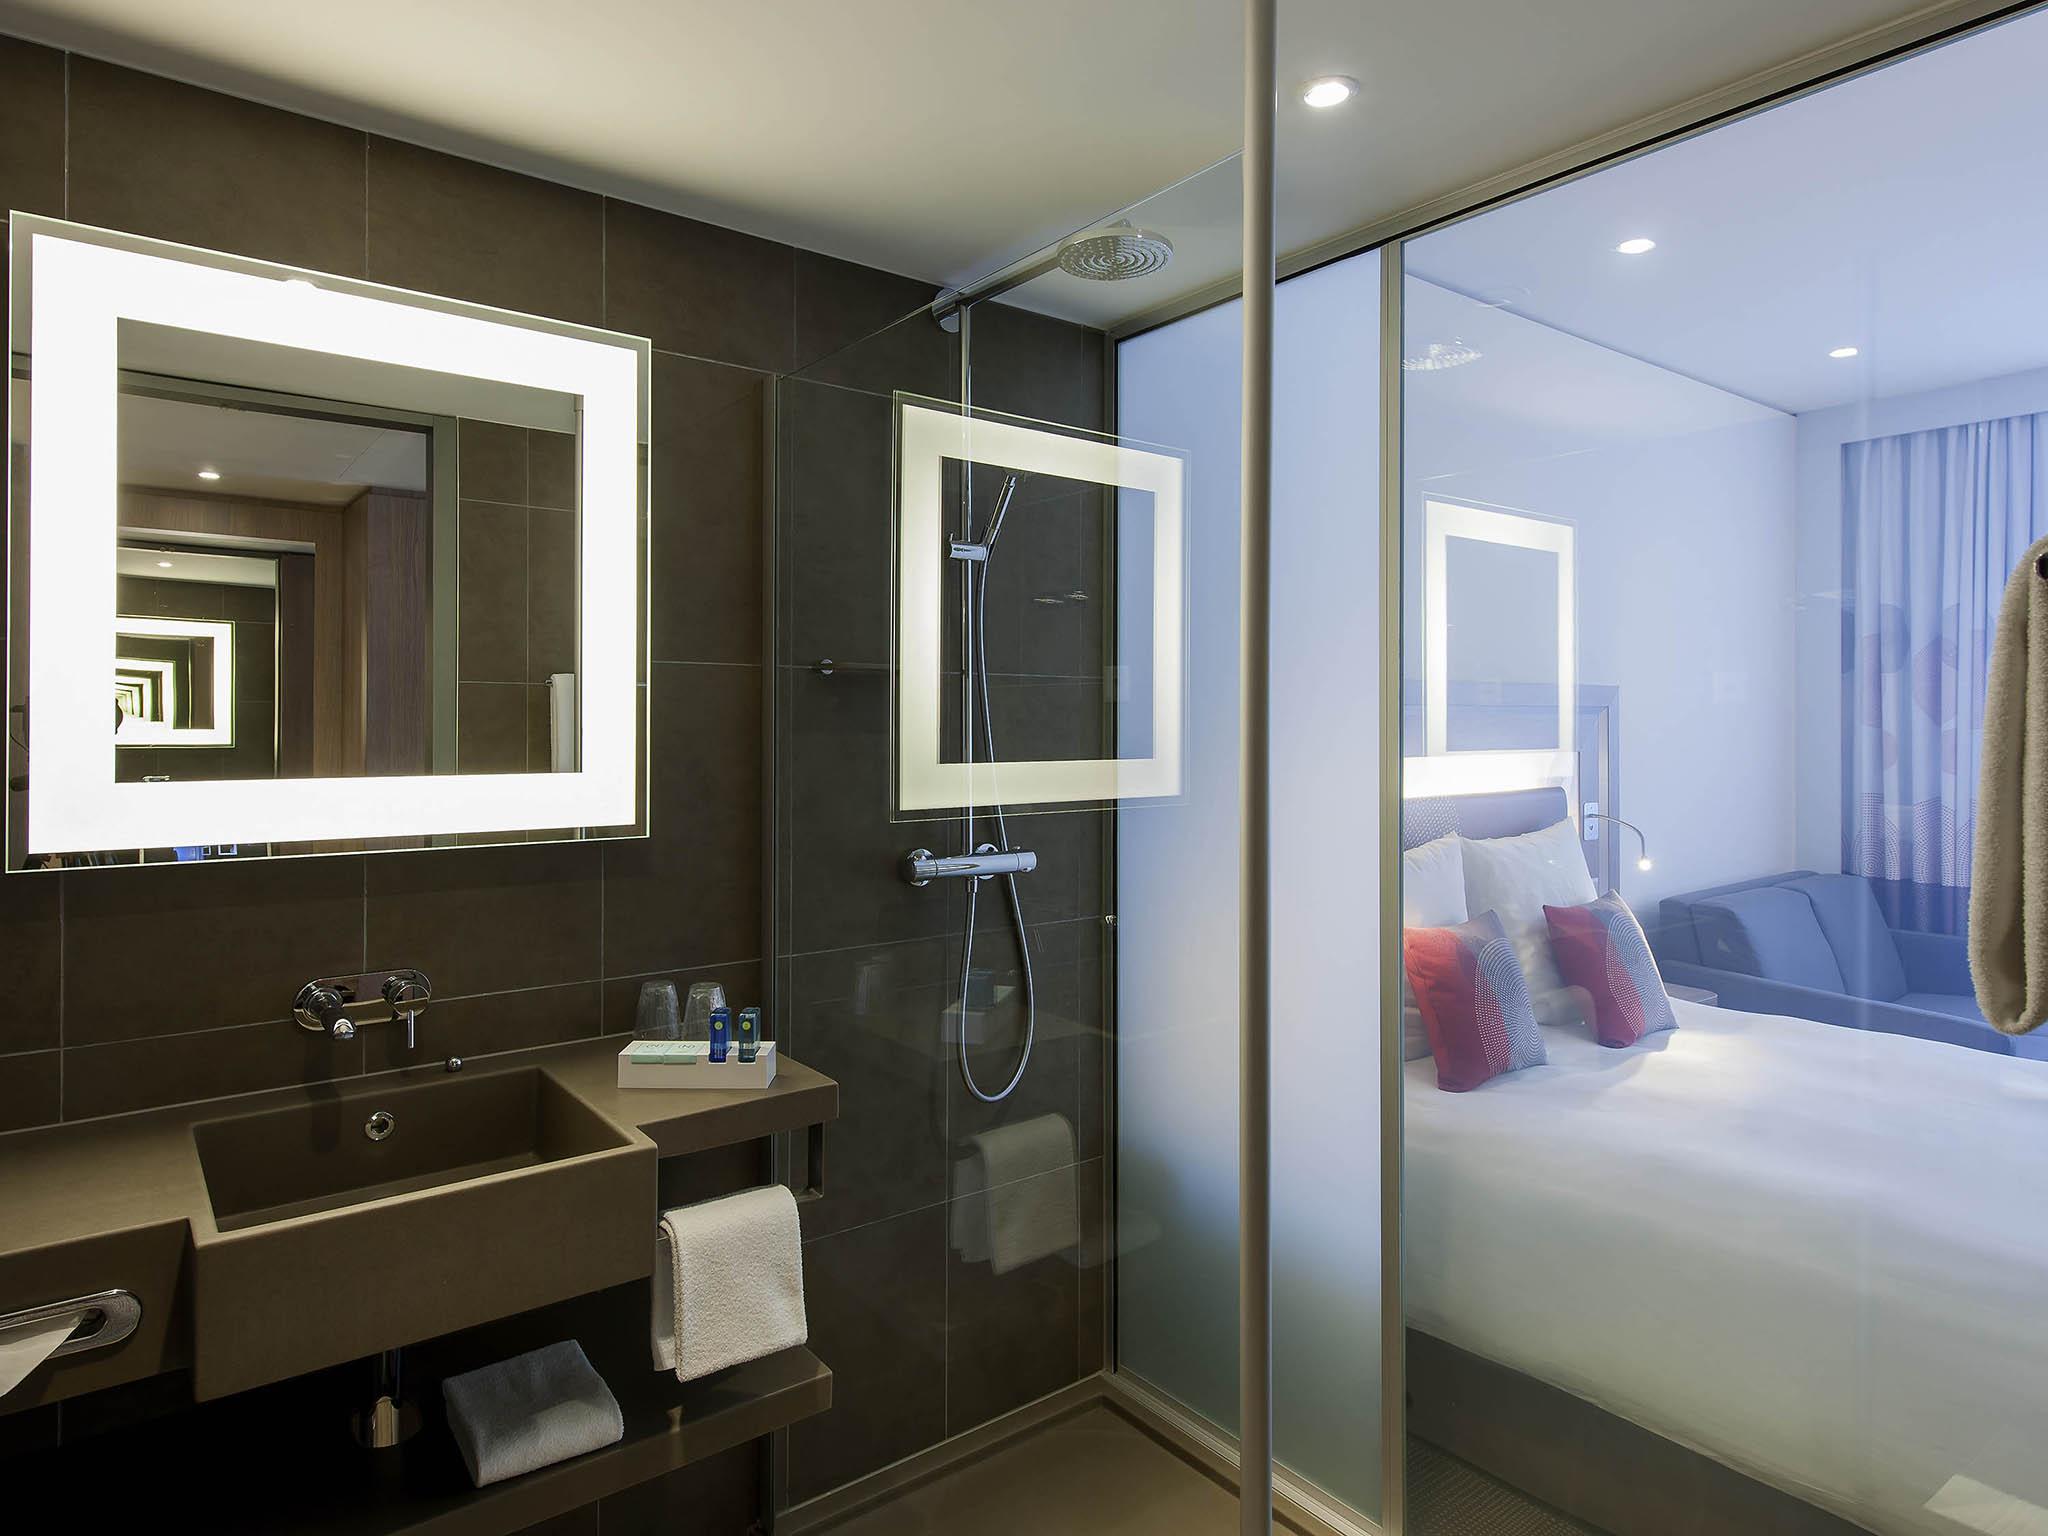 Camere Familiari Lugano : Hotel in paradiso novotel lugano paradiso